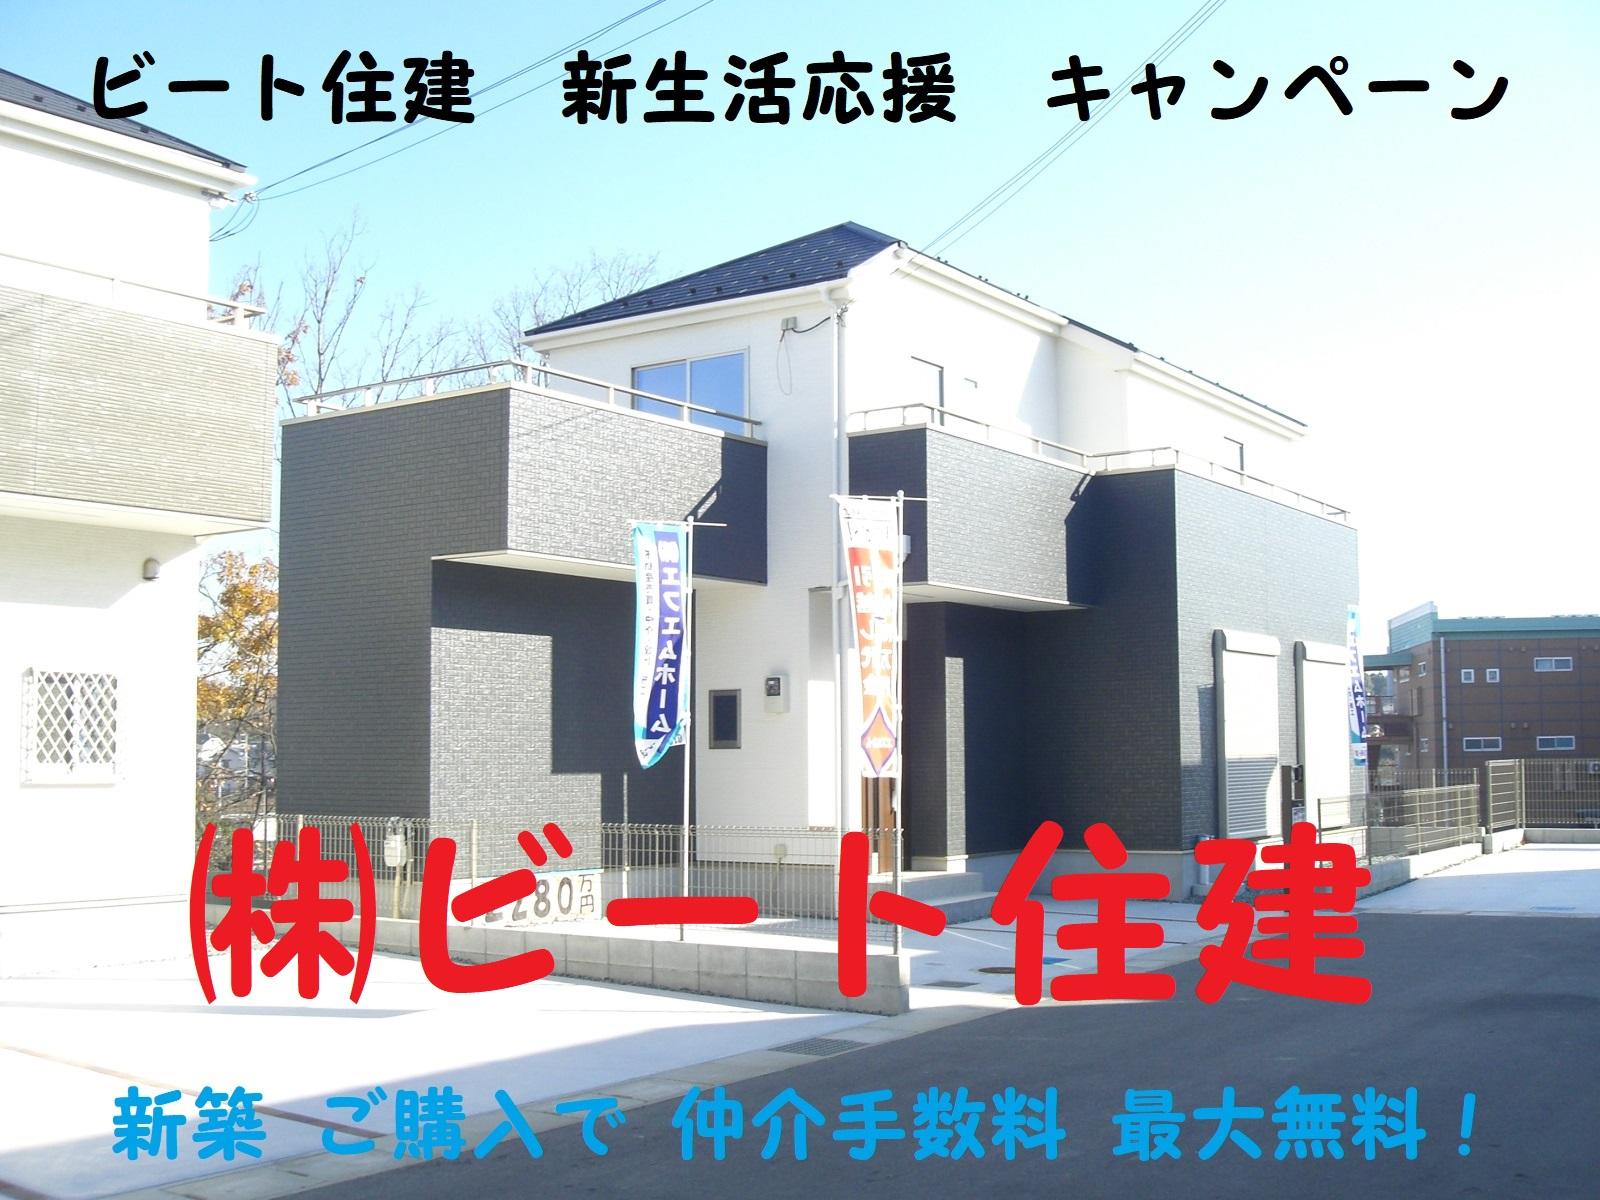 新築住宅 ご購入で、仲介手数料 最大無料  現地へのご案内も お気軽にお申し付けください。